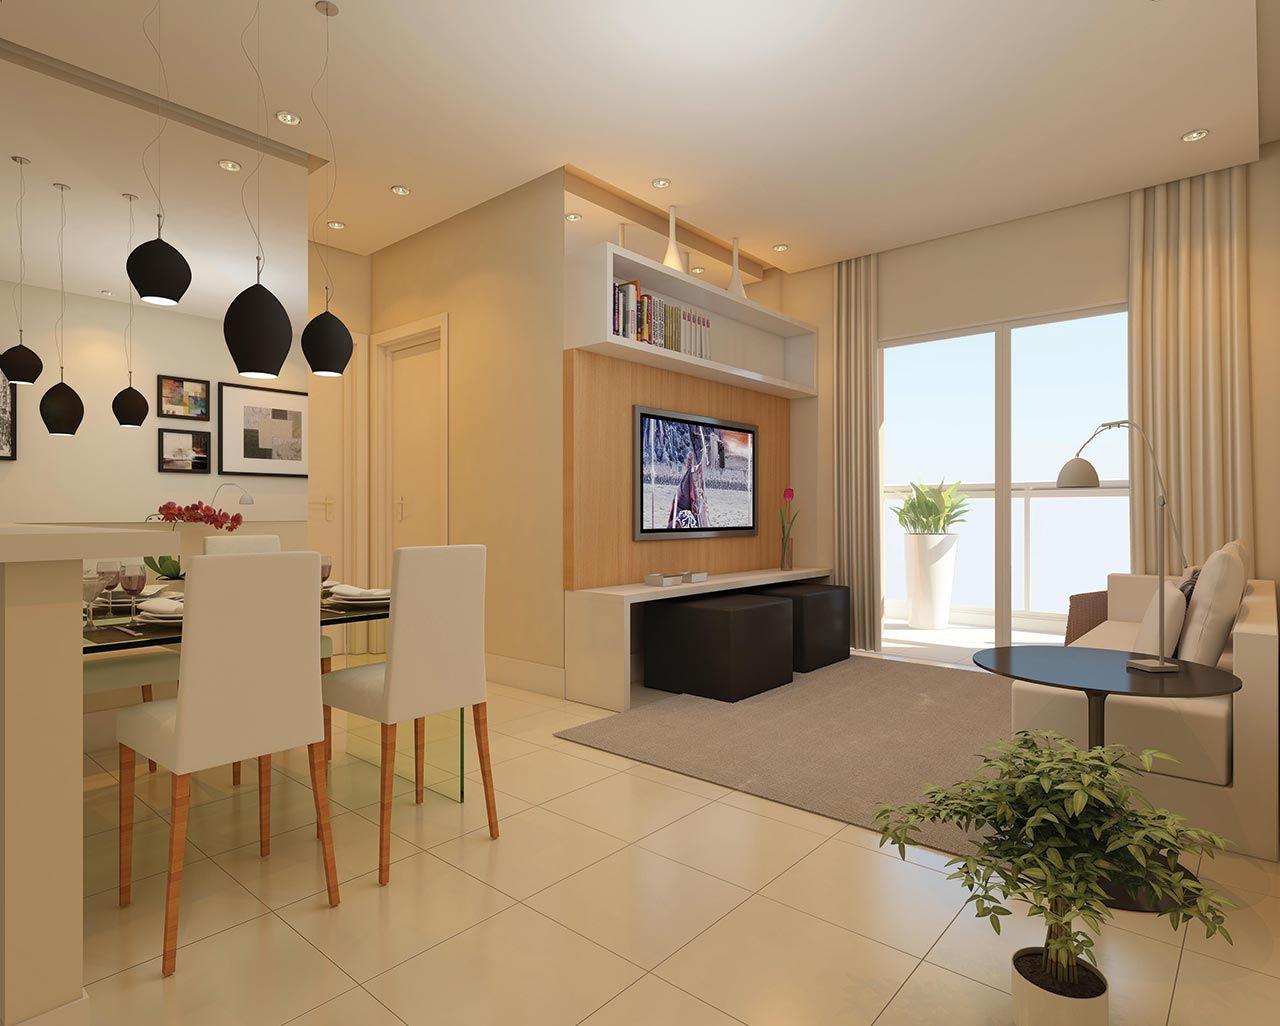 Sala De Estar E Jantar Pequena Decora Es Para Casa Pinterest  -> Sala De Estar Apartamento Decoracao